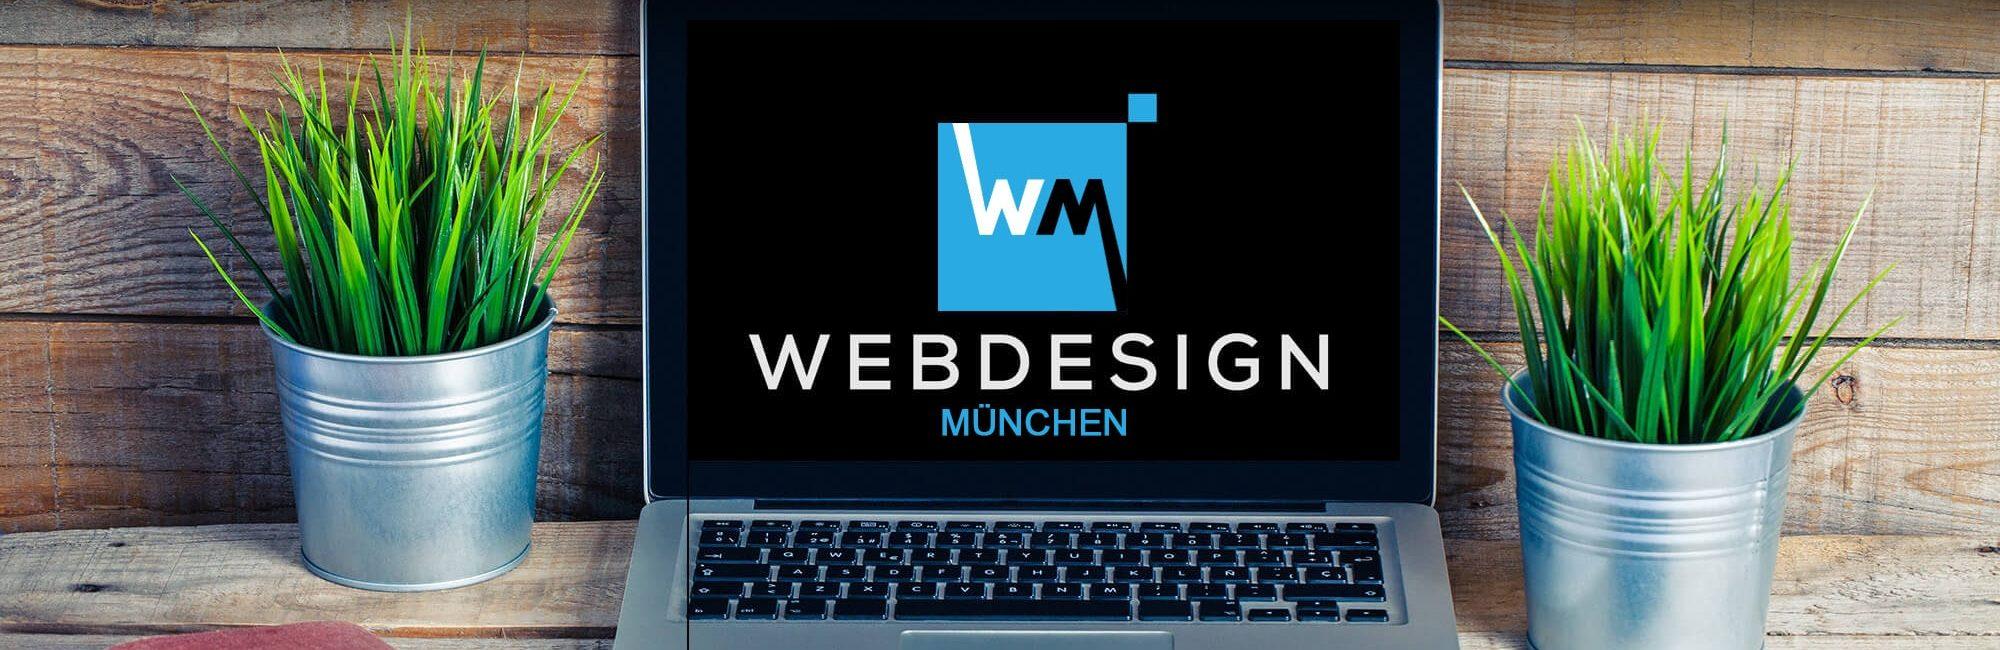 Webdesign WordPress München